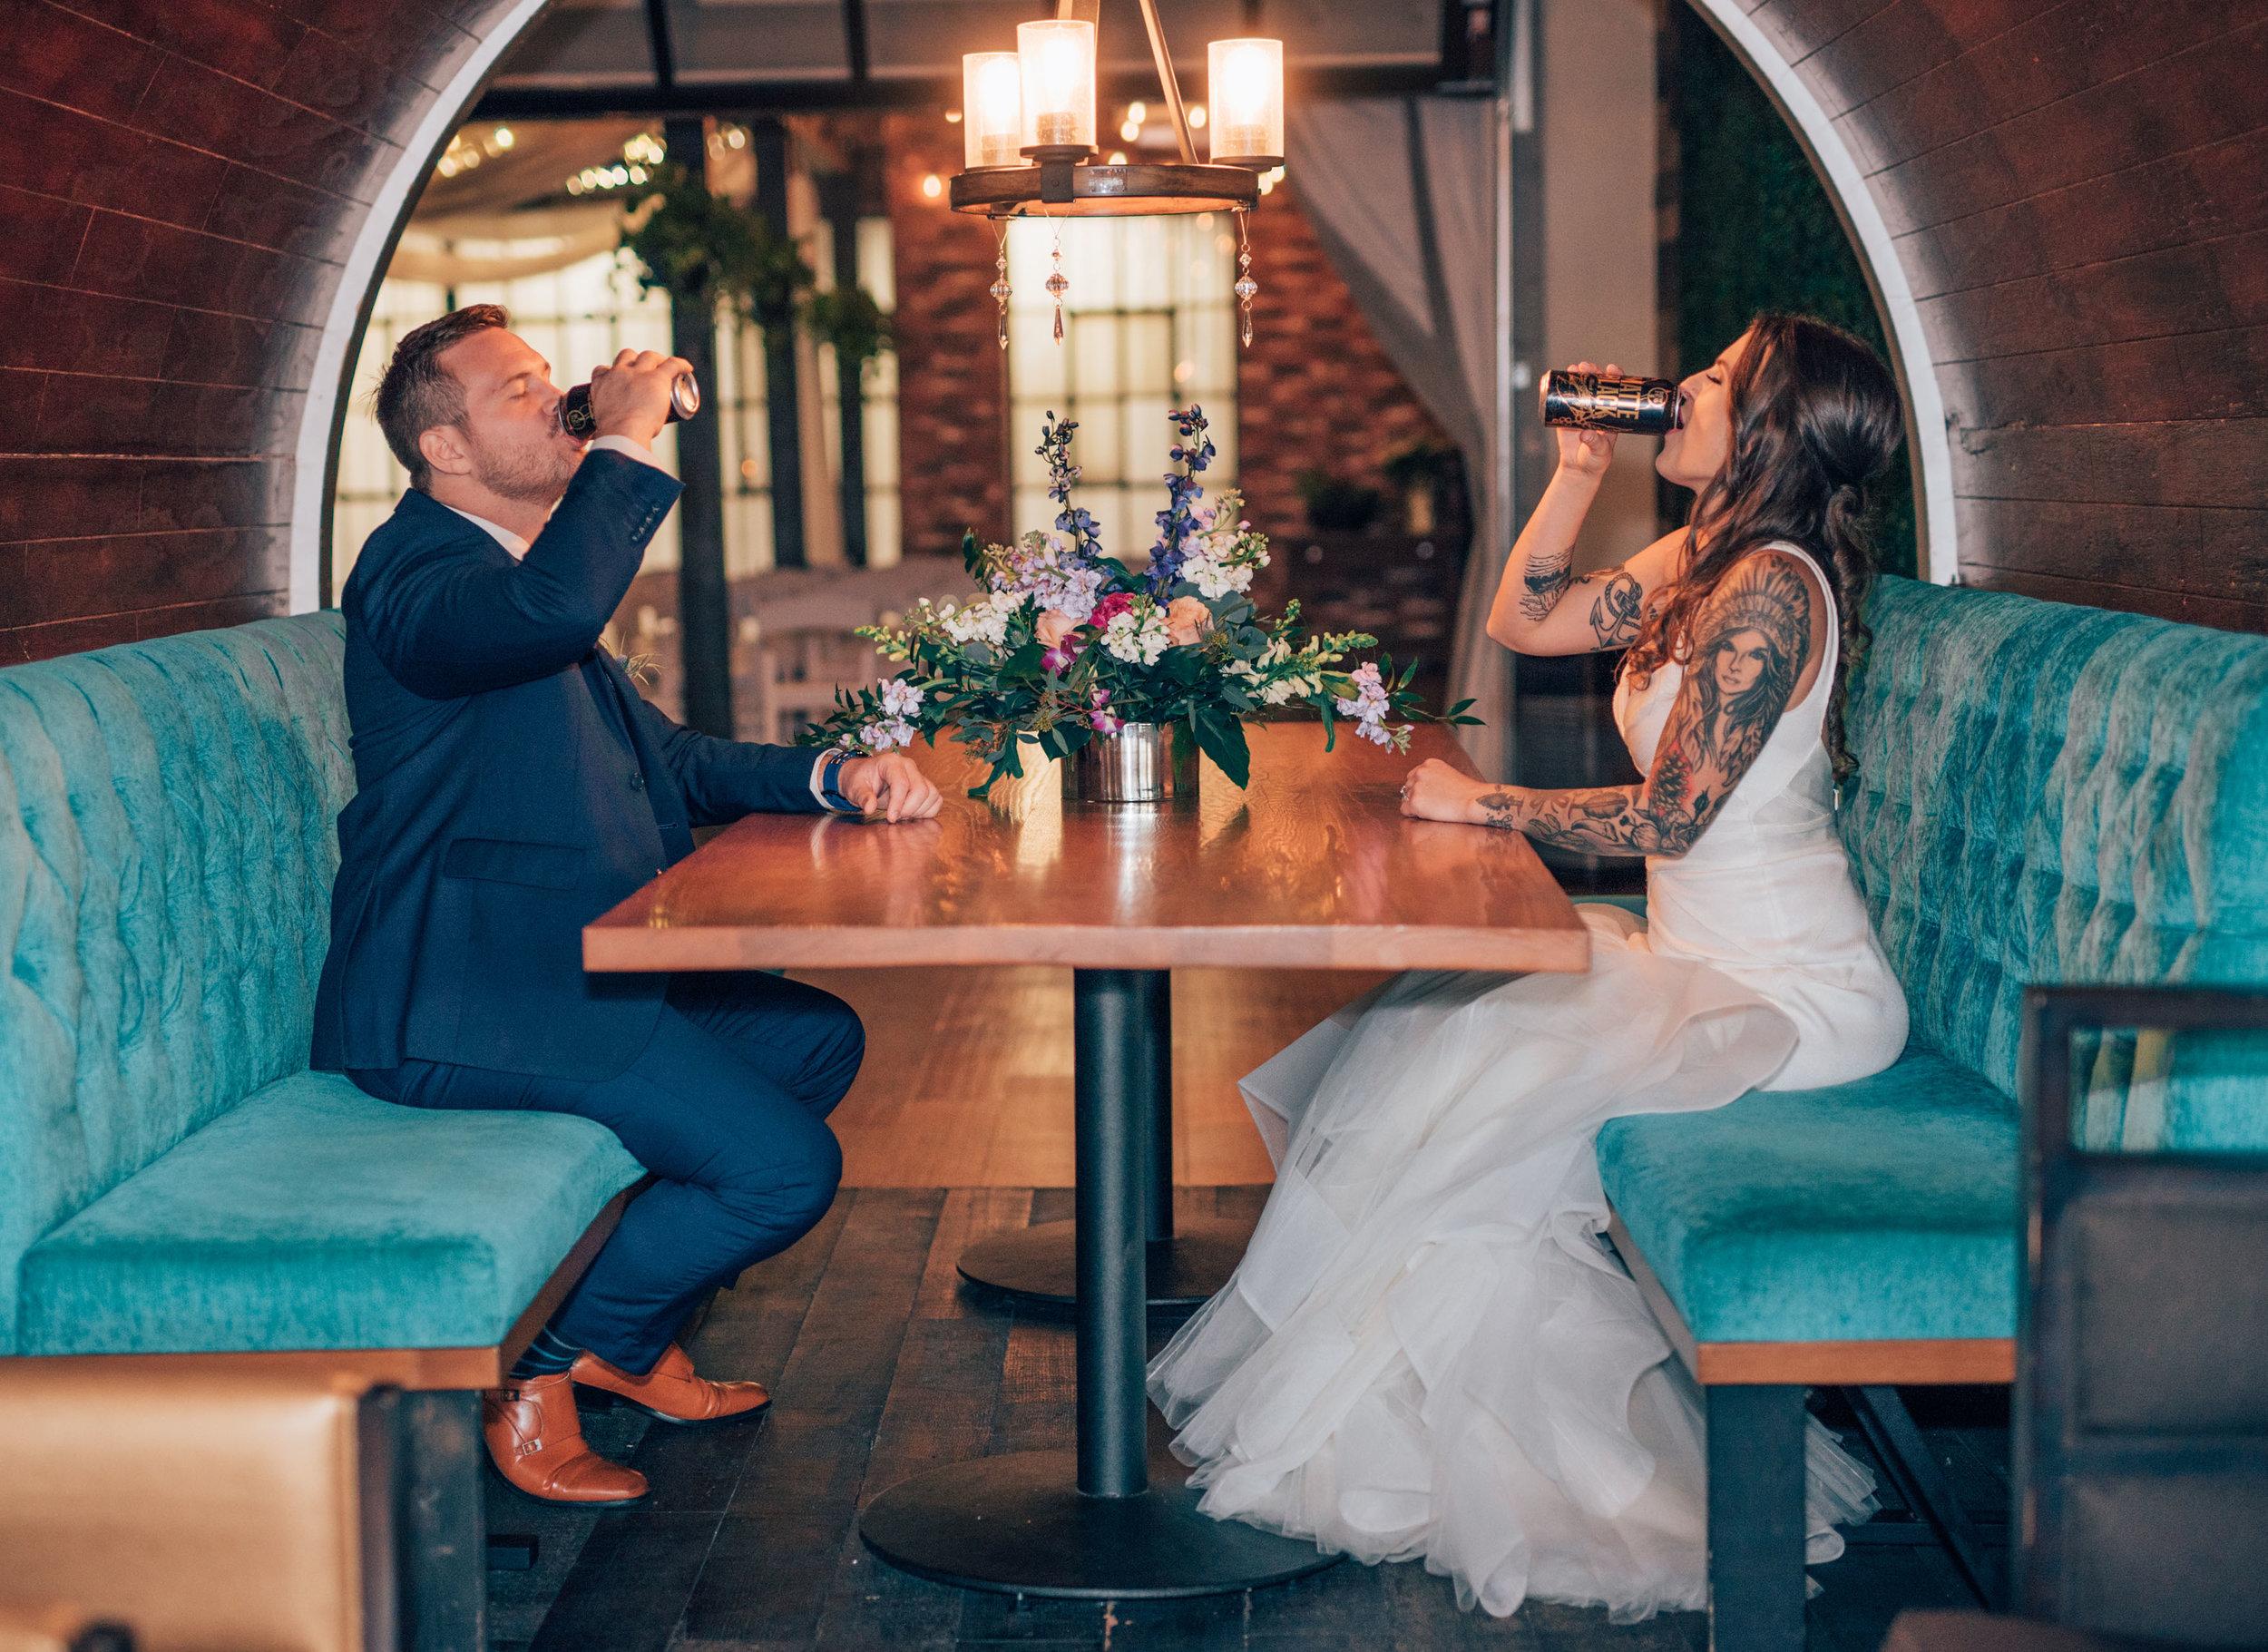 Orlando Wedding Venue HUB 925